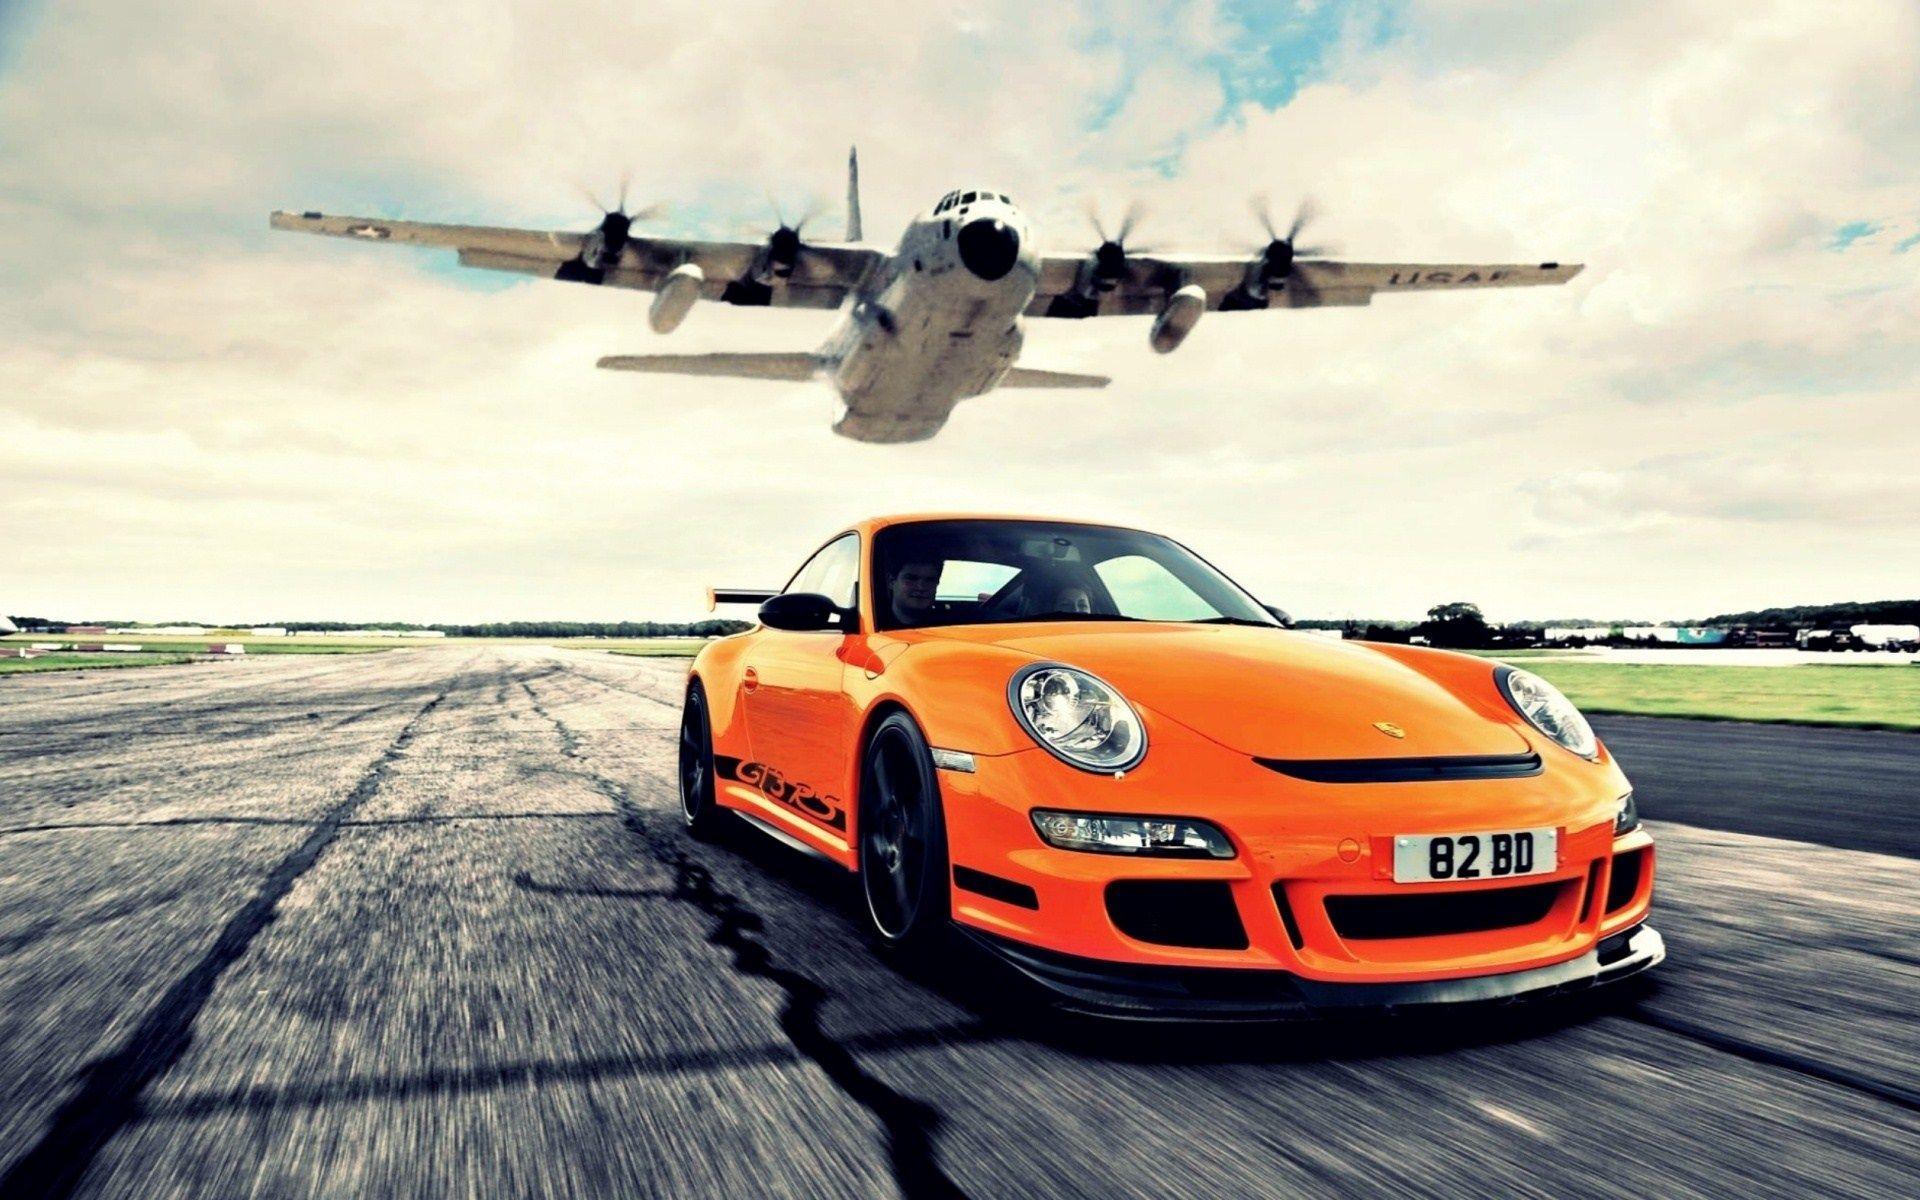 1920x1200 Hình nền xe thể thao Porsche 911 GT3.  Nền màn hình HD